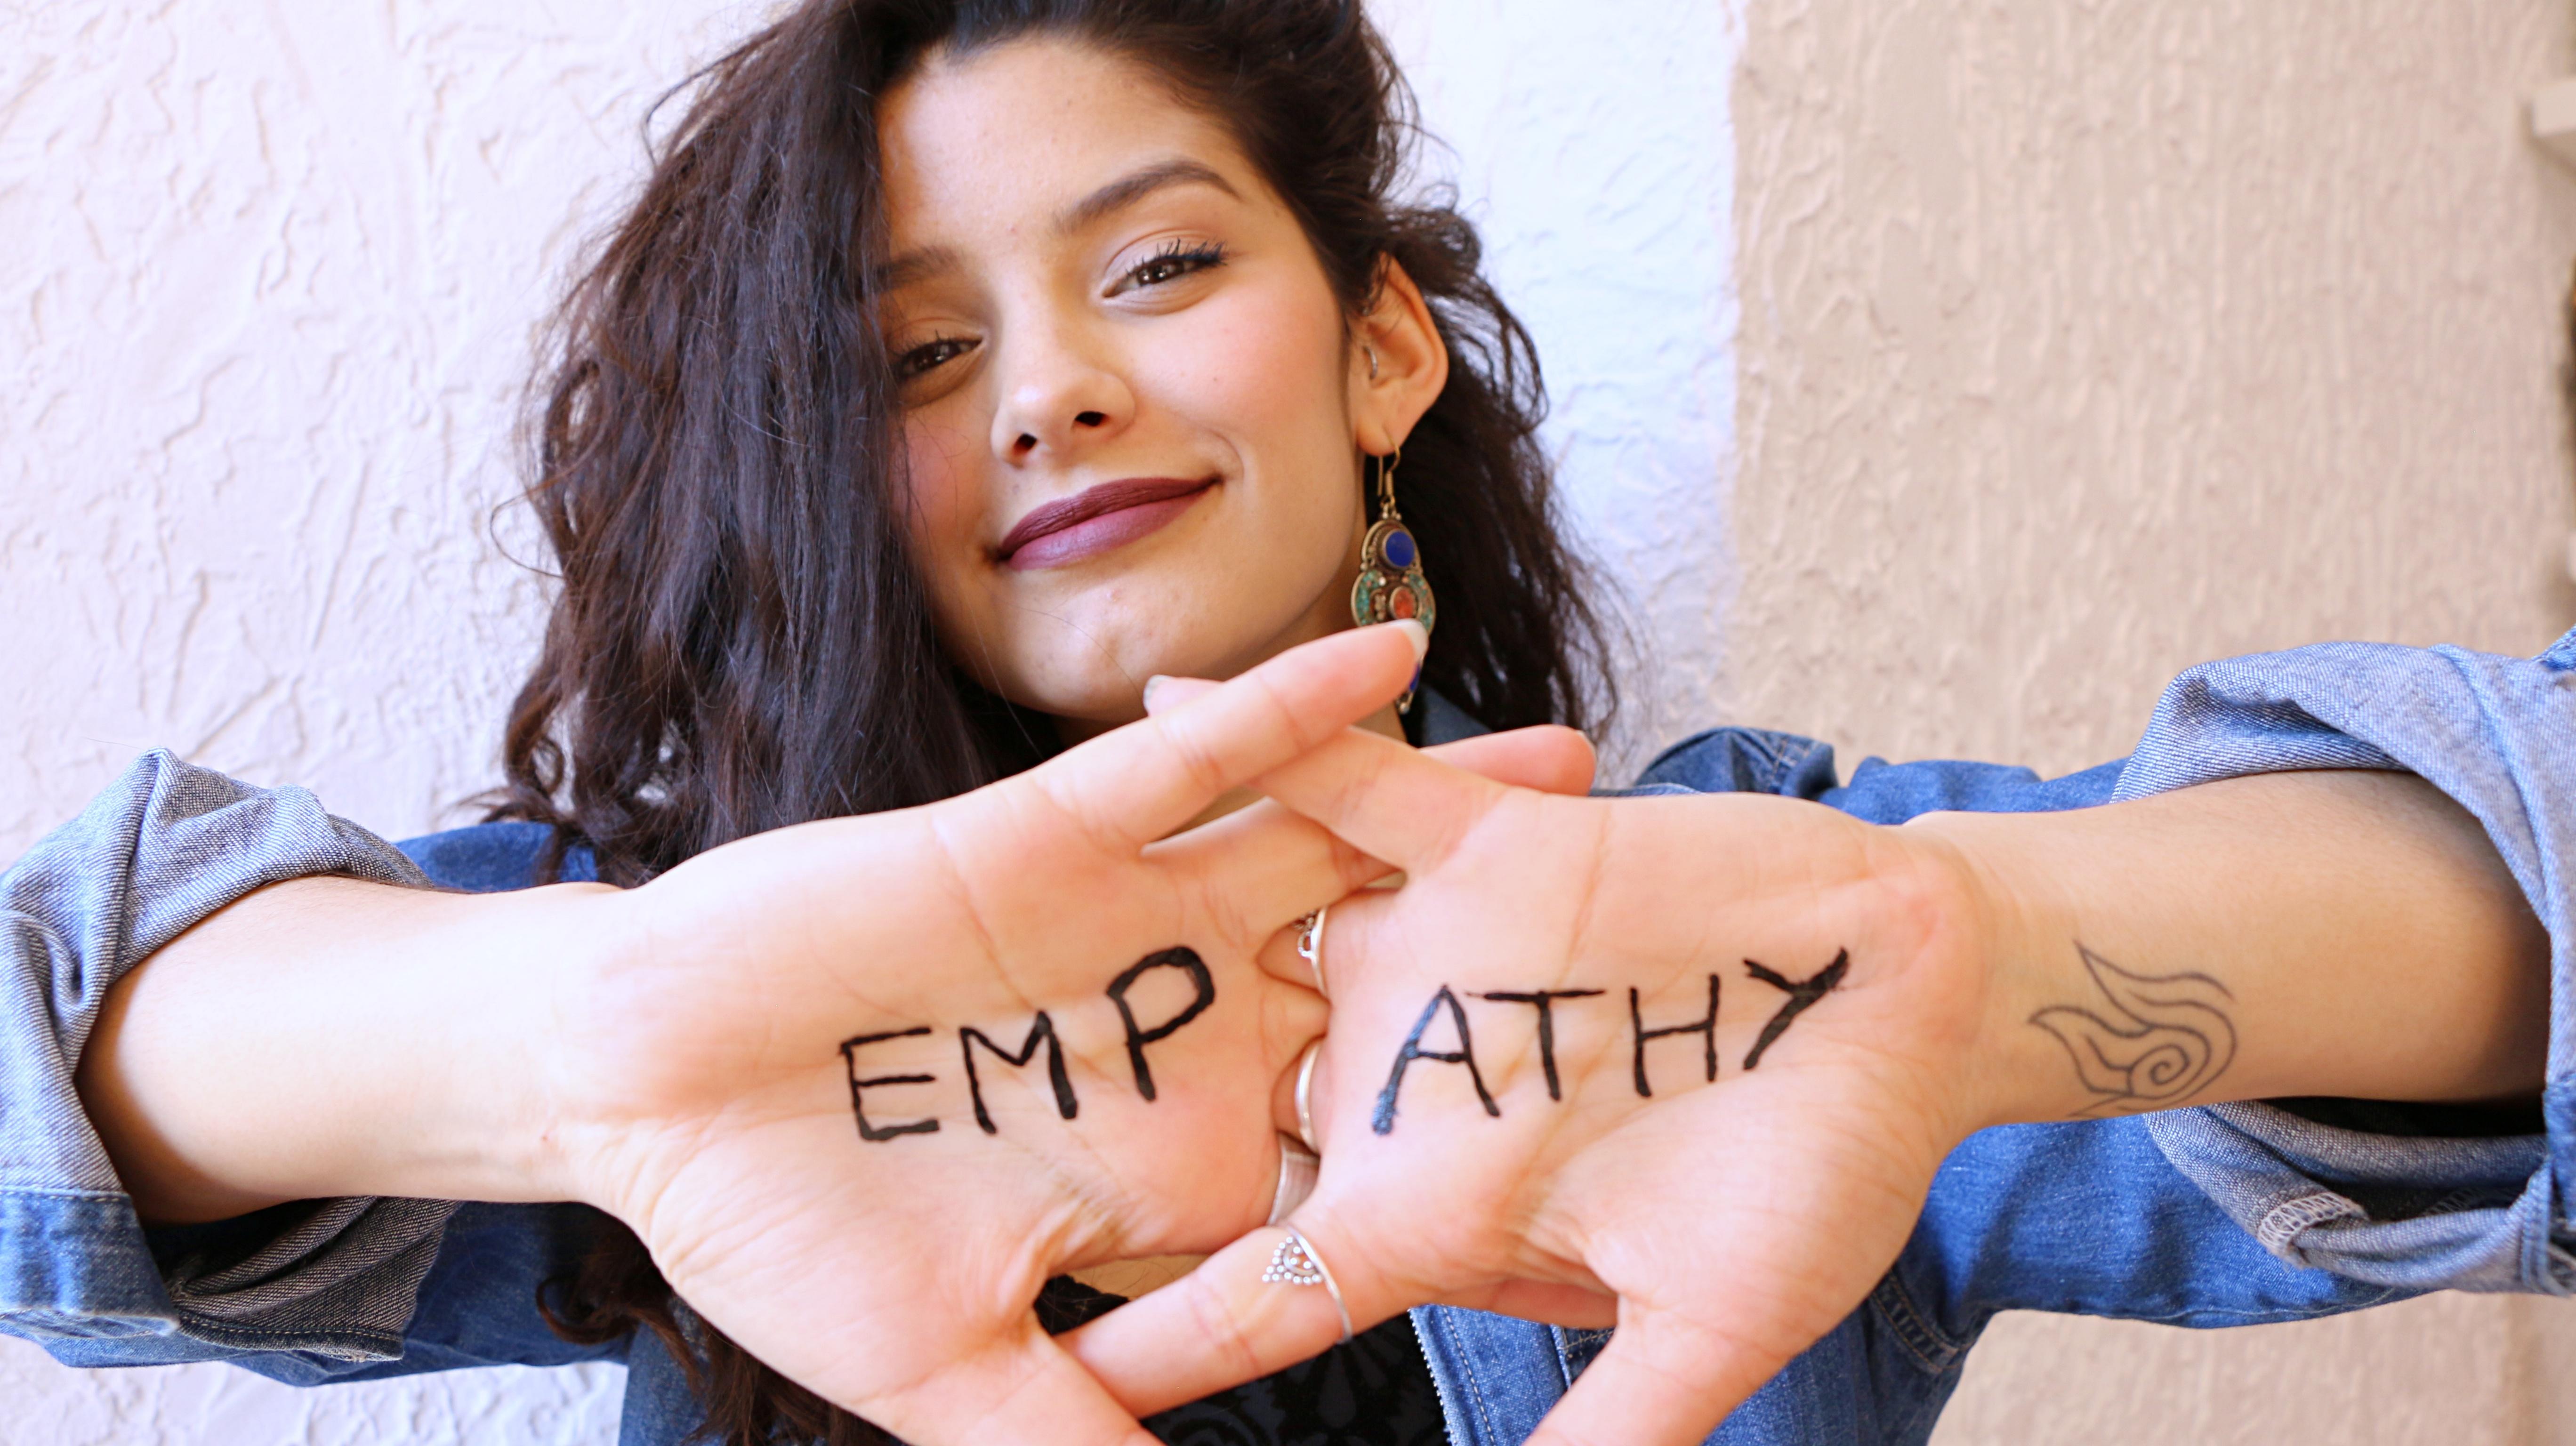 L'empathie : ce qui fait le lien